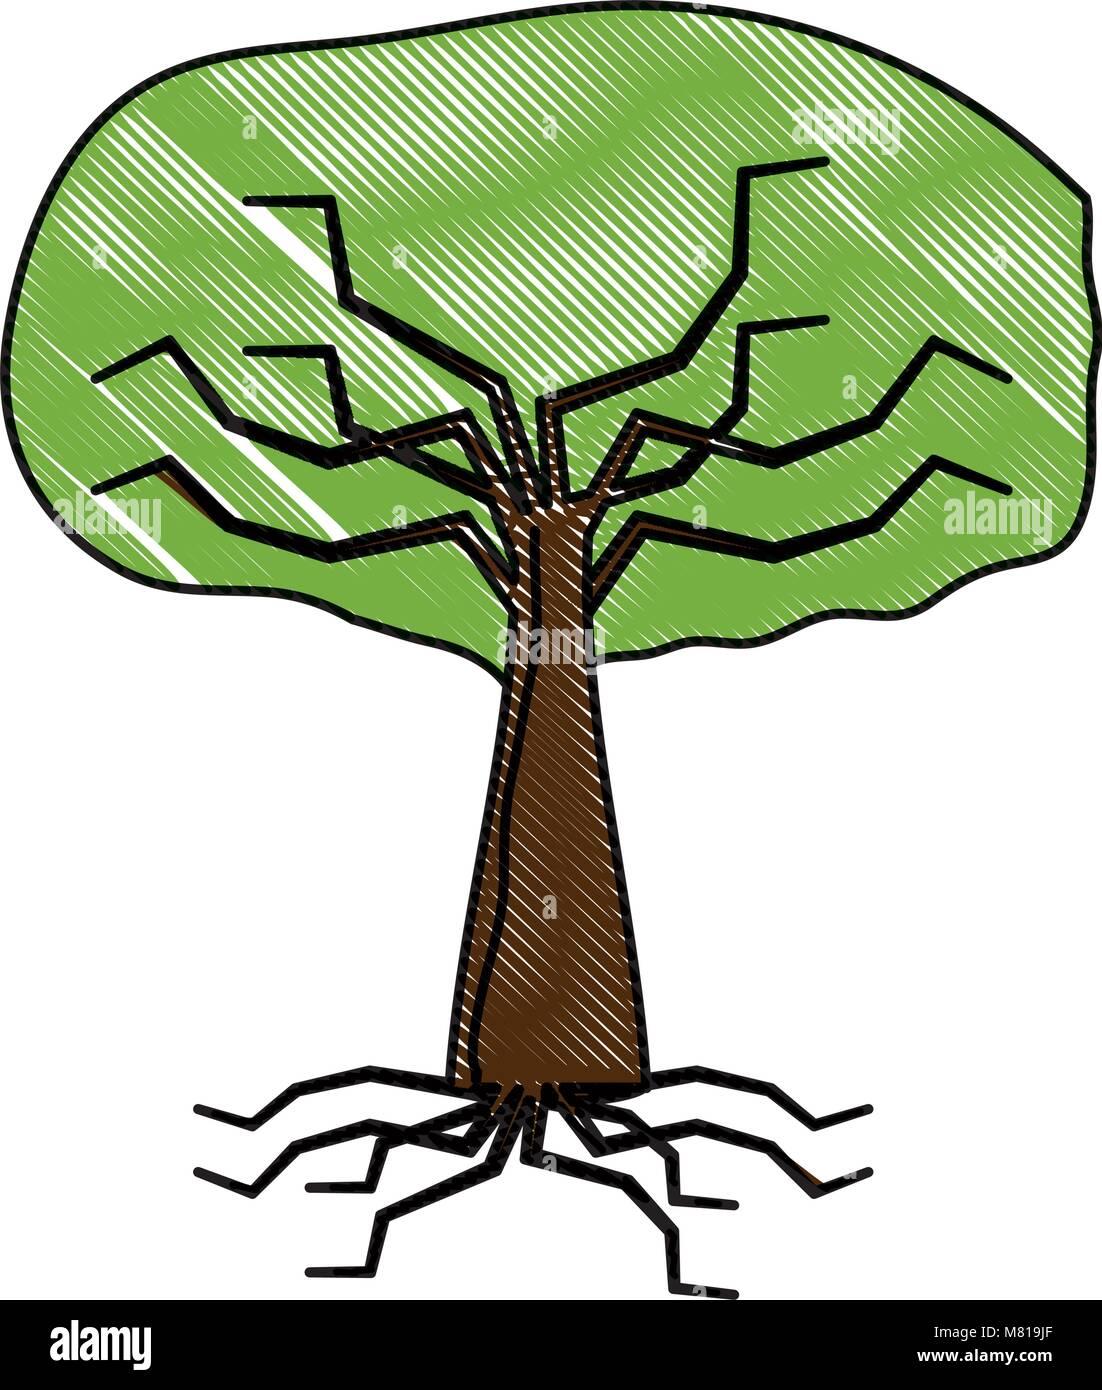 Tree Root Illustration Stock Photos & Tree Root Illustration Stock ...